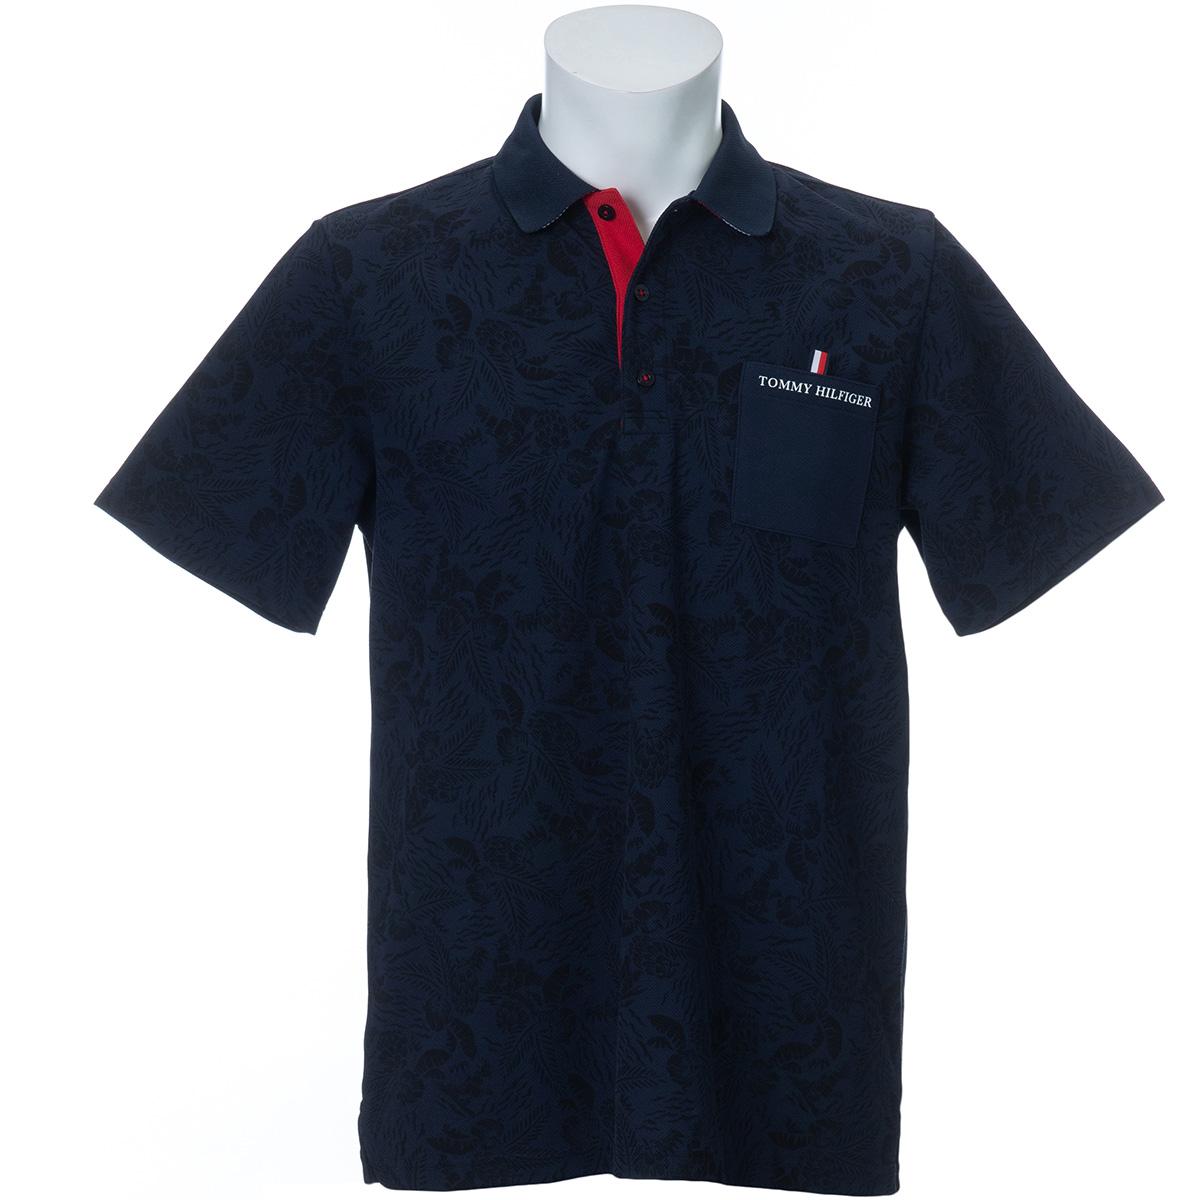 ボタニカルプリンテッド 半袖ポロシャツ